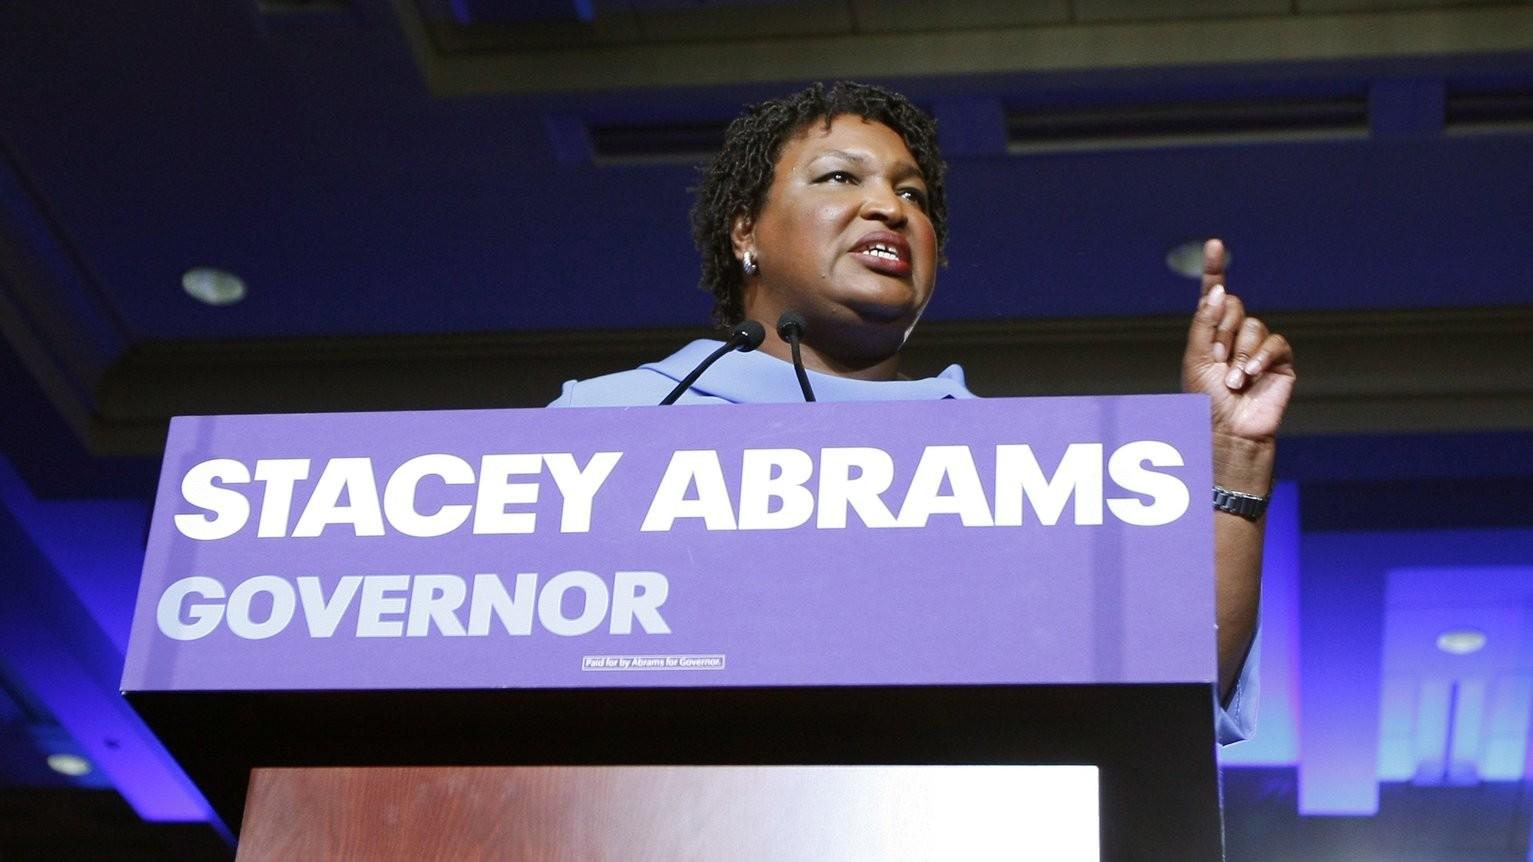 Stacey Abrams, az első fekete nő, akit kormányzónak jelöltek Georgiában (Fotó: MTI/EPA/Tami Chapell)